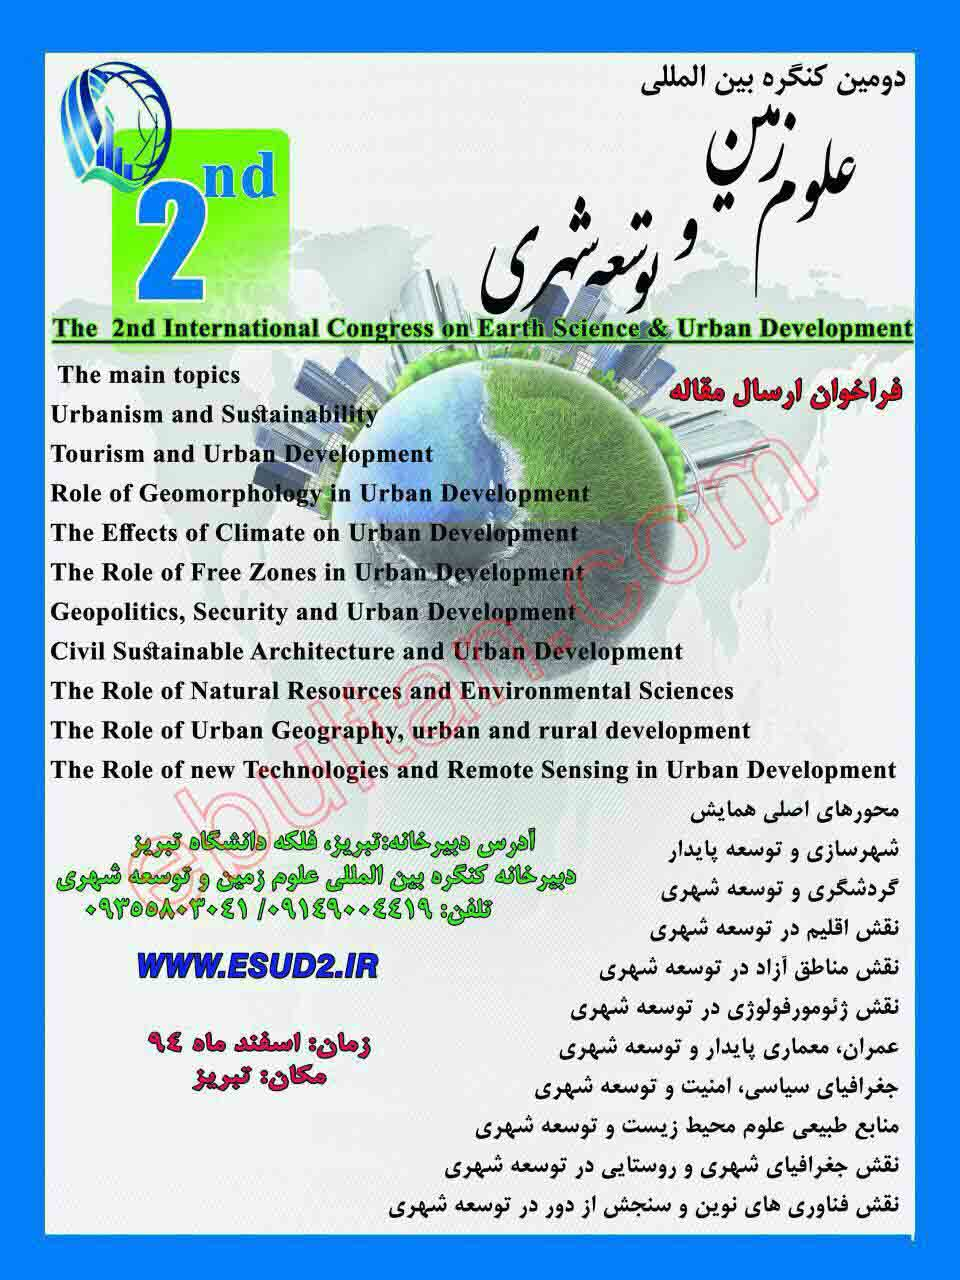 دومین کنگره بین المللی علوم زمین و توسعه شهری